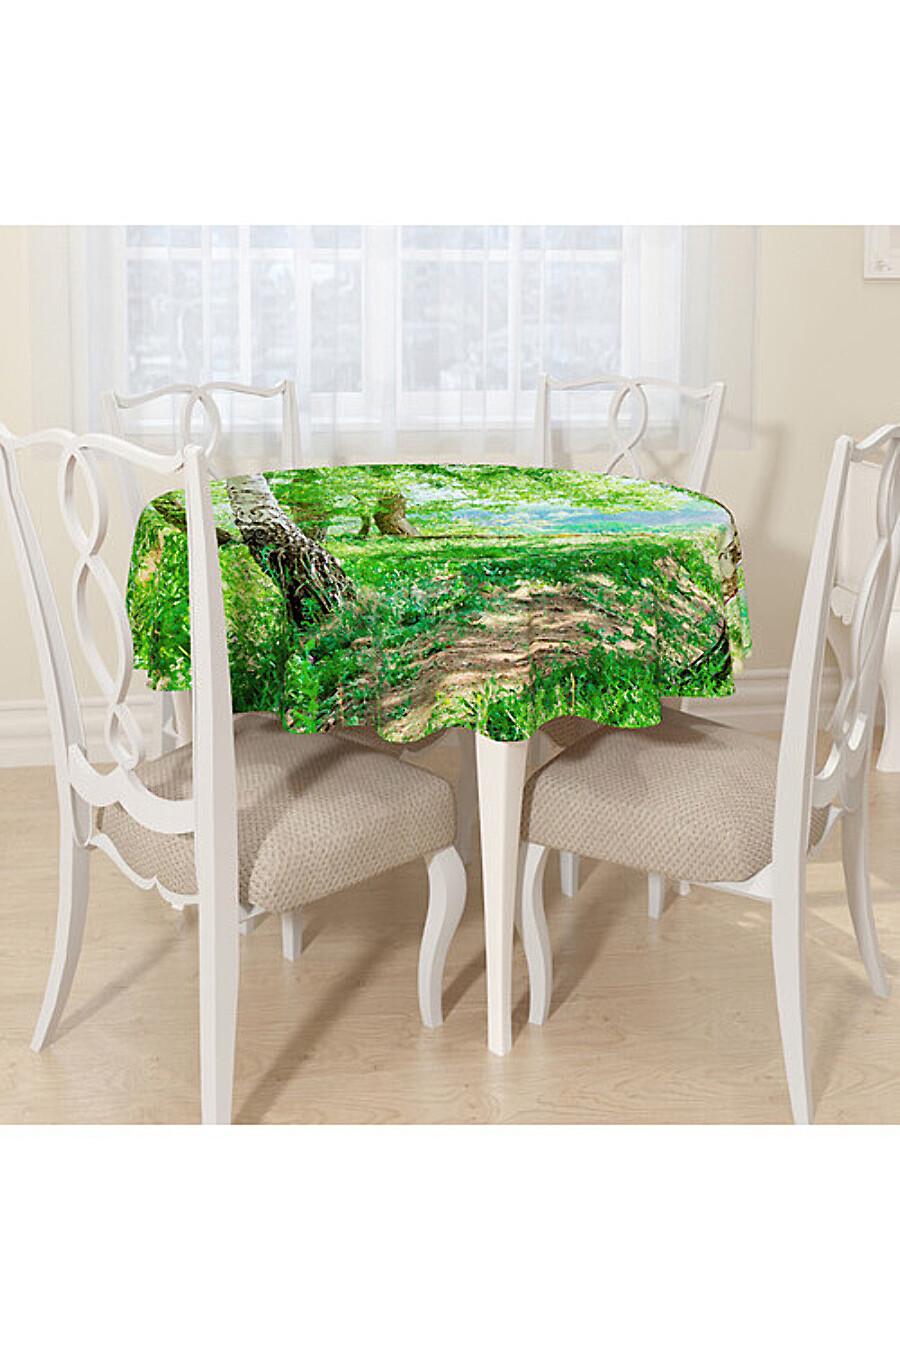 Скатерть для дома ART HOME TEXTILE 180326 купить оптом от производителя. Совместная покупка товаров для дома в OptMoyo